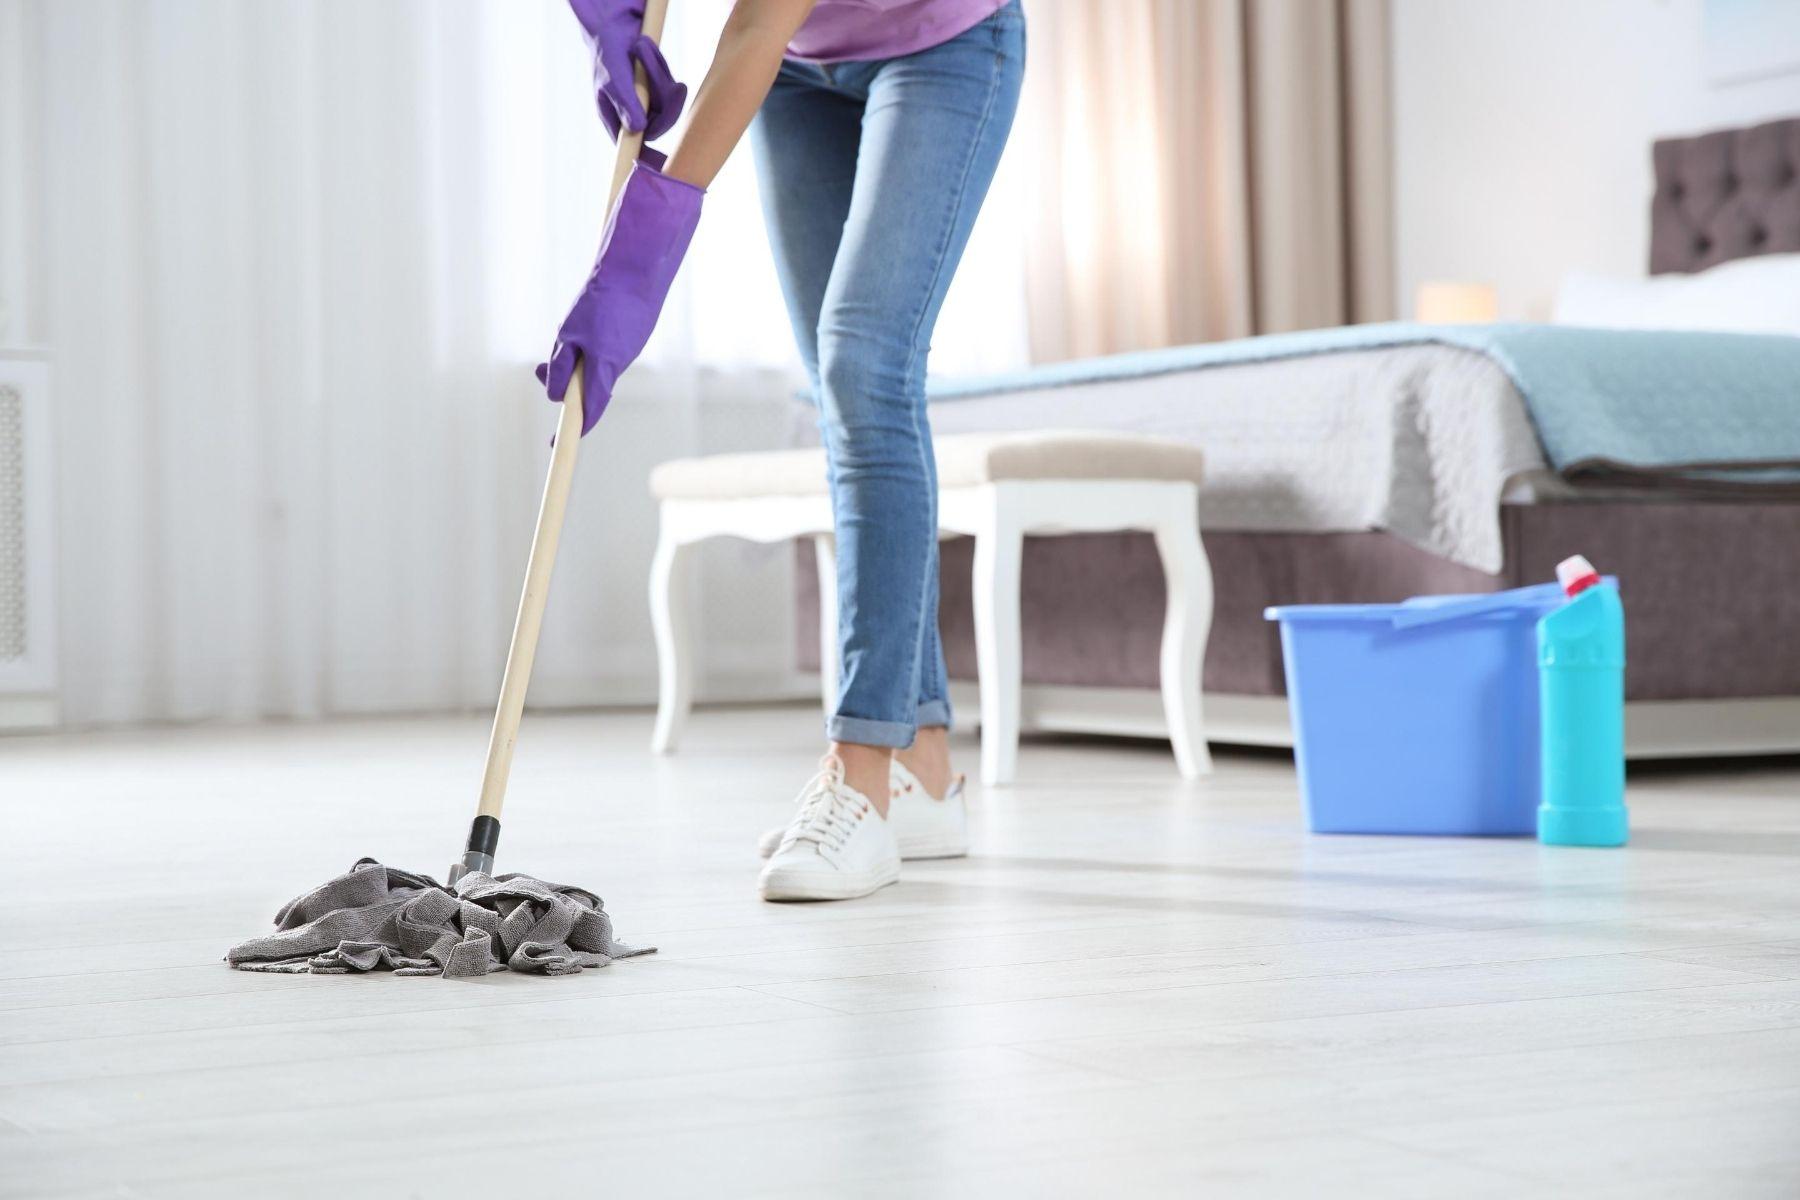 HappyFresh_Cleaning_Tips_Mop_Floor